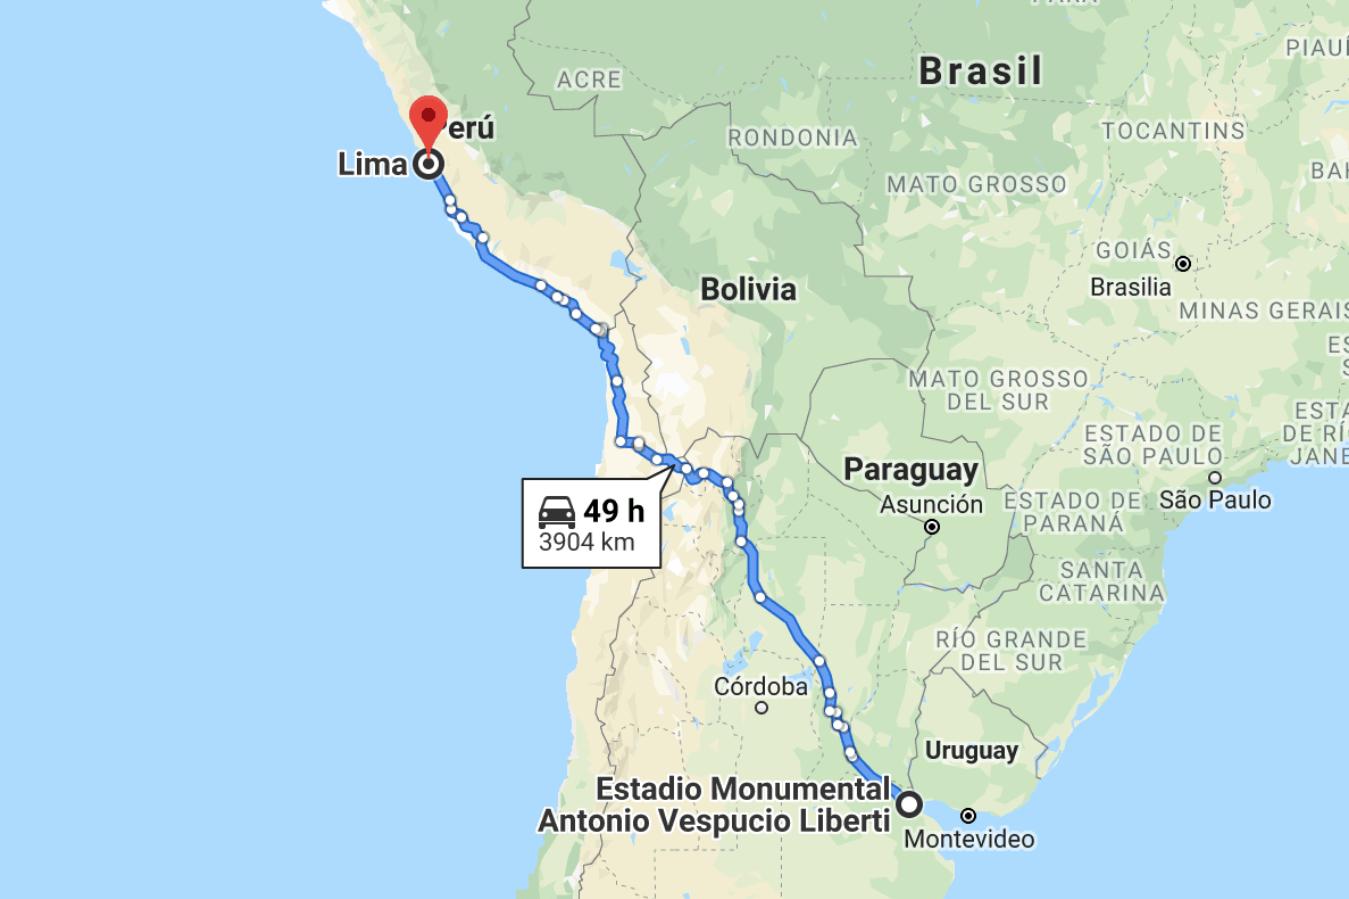 河床球迷望南解决赛要坐50幼时大巴,跨越3900公里